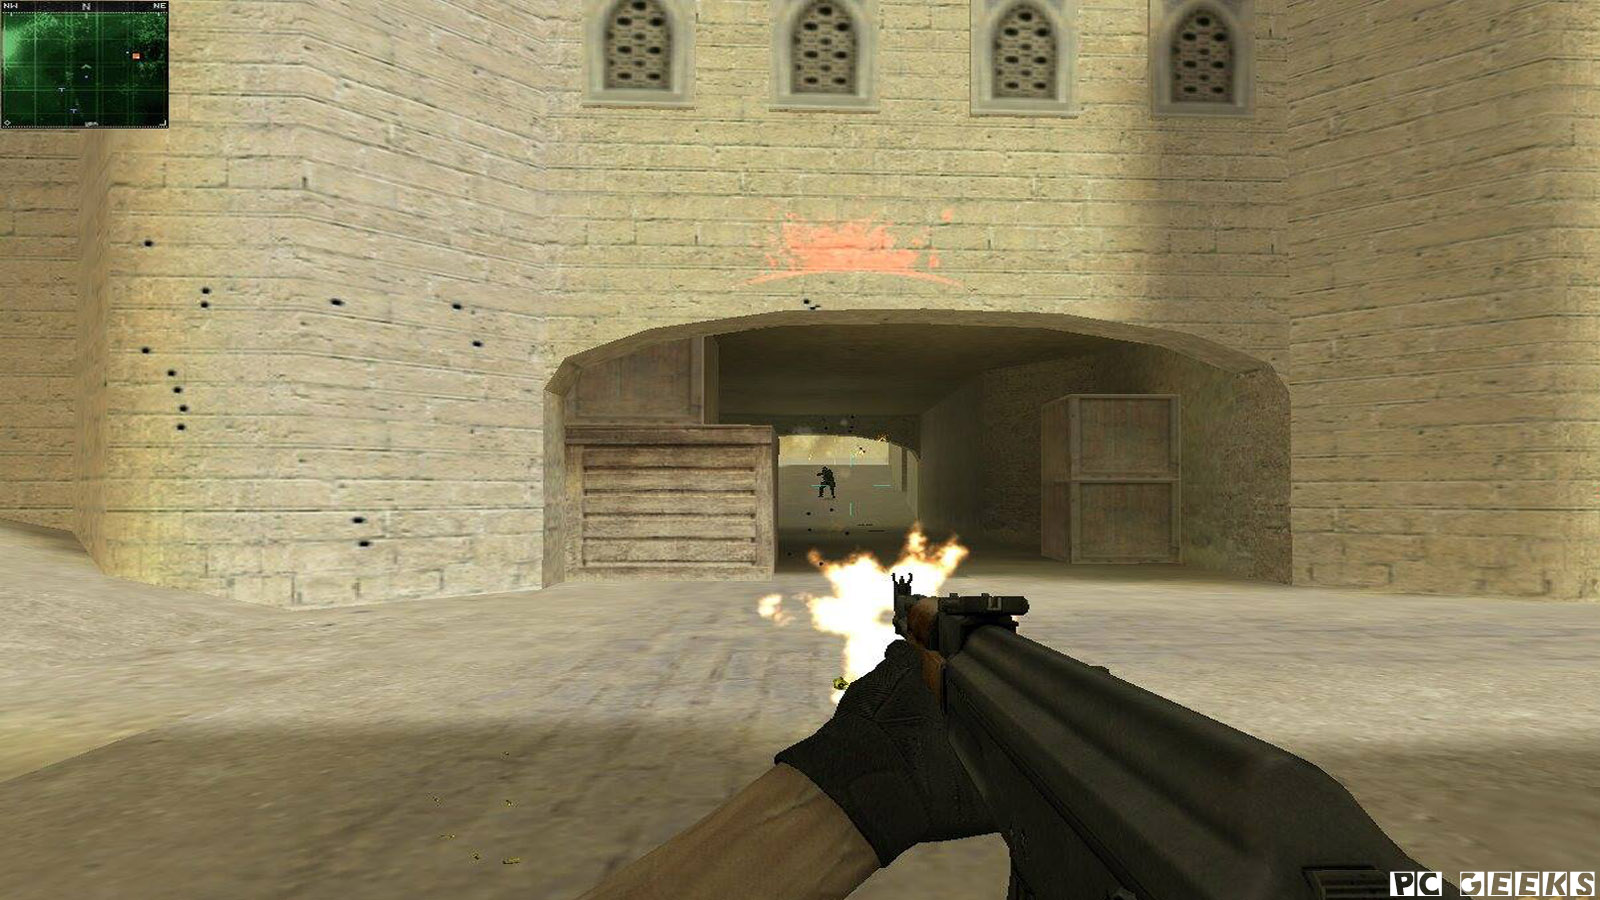 تحميل لعبة Counter Strike 1.6 العربية مضغوطة برابط واحد مباشر كاملة مجانا